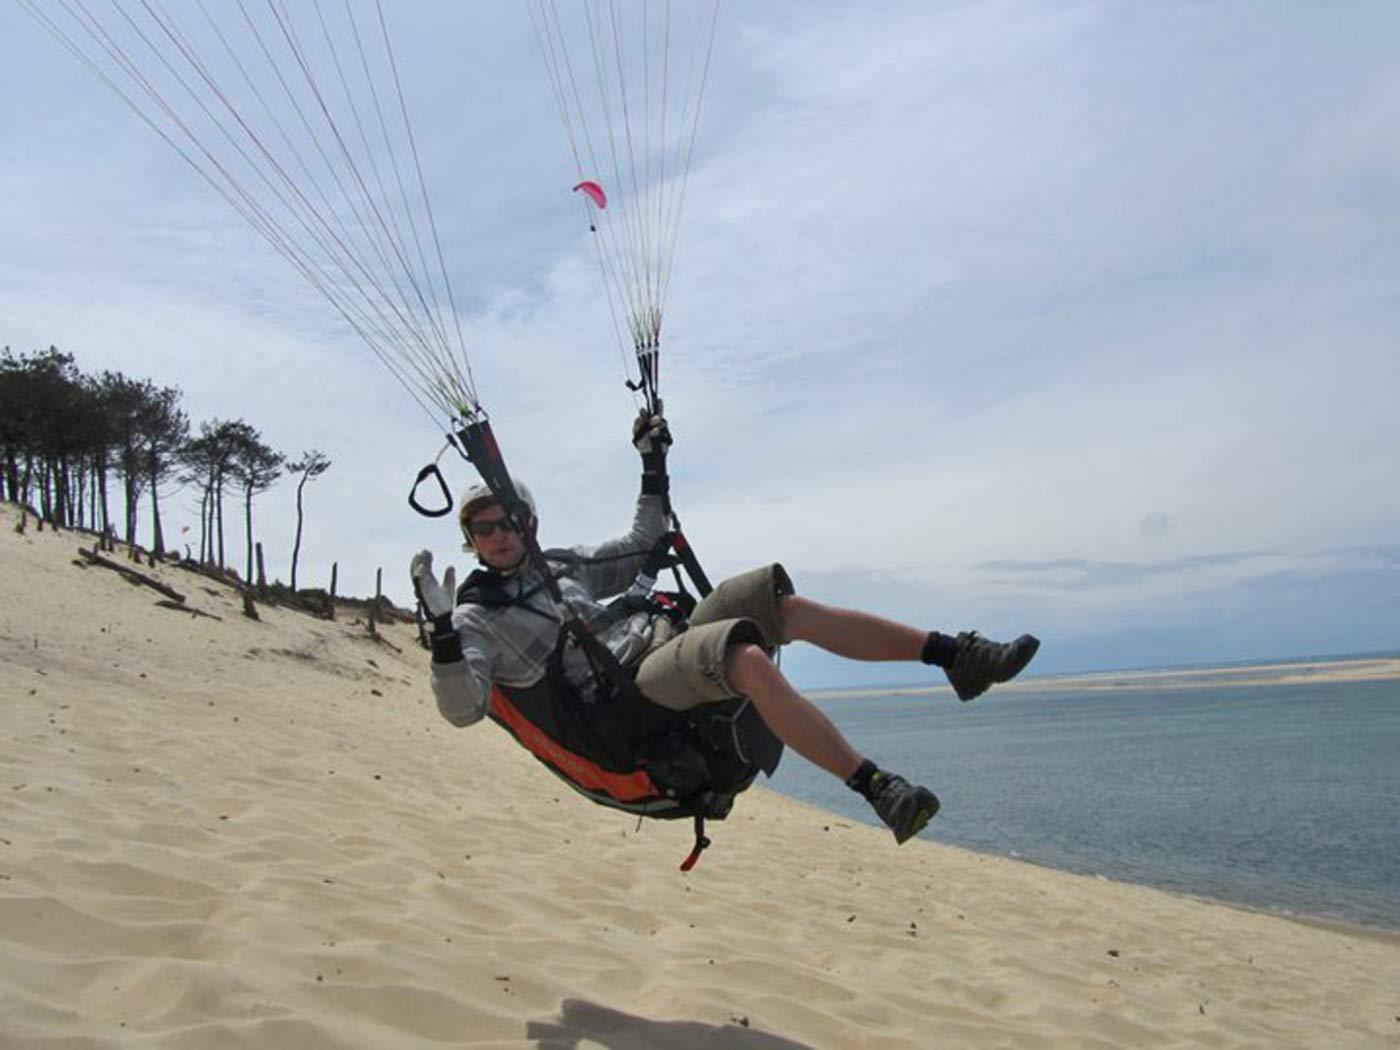 Soaring in der Meeresbrise mit dem Gleitschirm an der Dune du Pyla, Frankreich